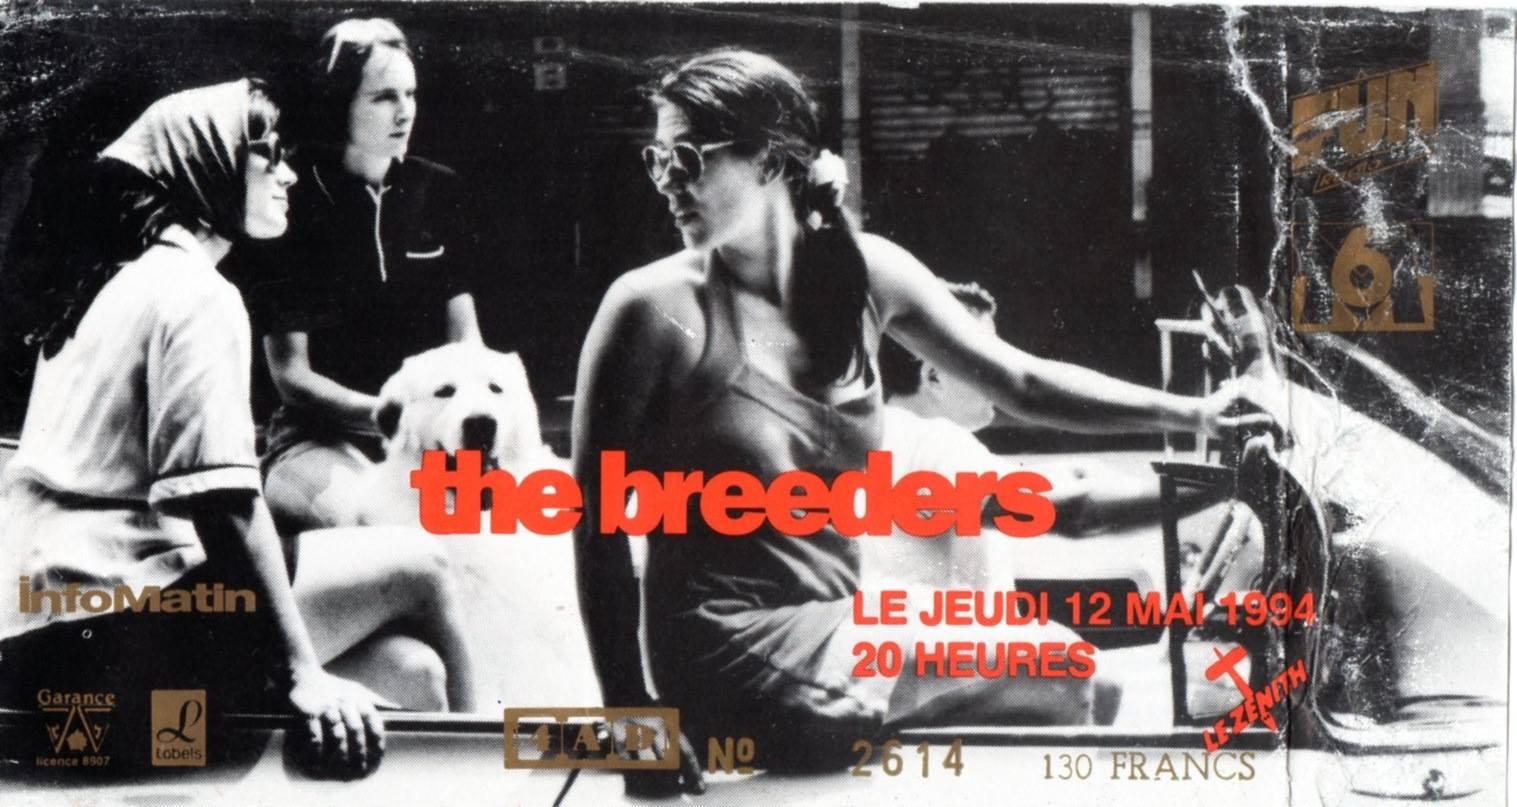 """12 mai 1994 Les Thugs, The Breeders à Paris """"Le Zenith"""""""